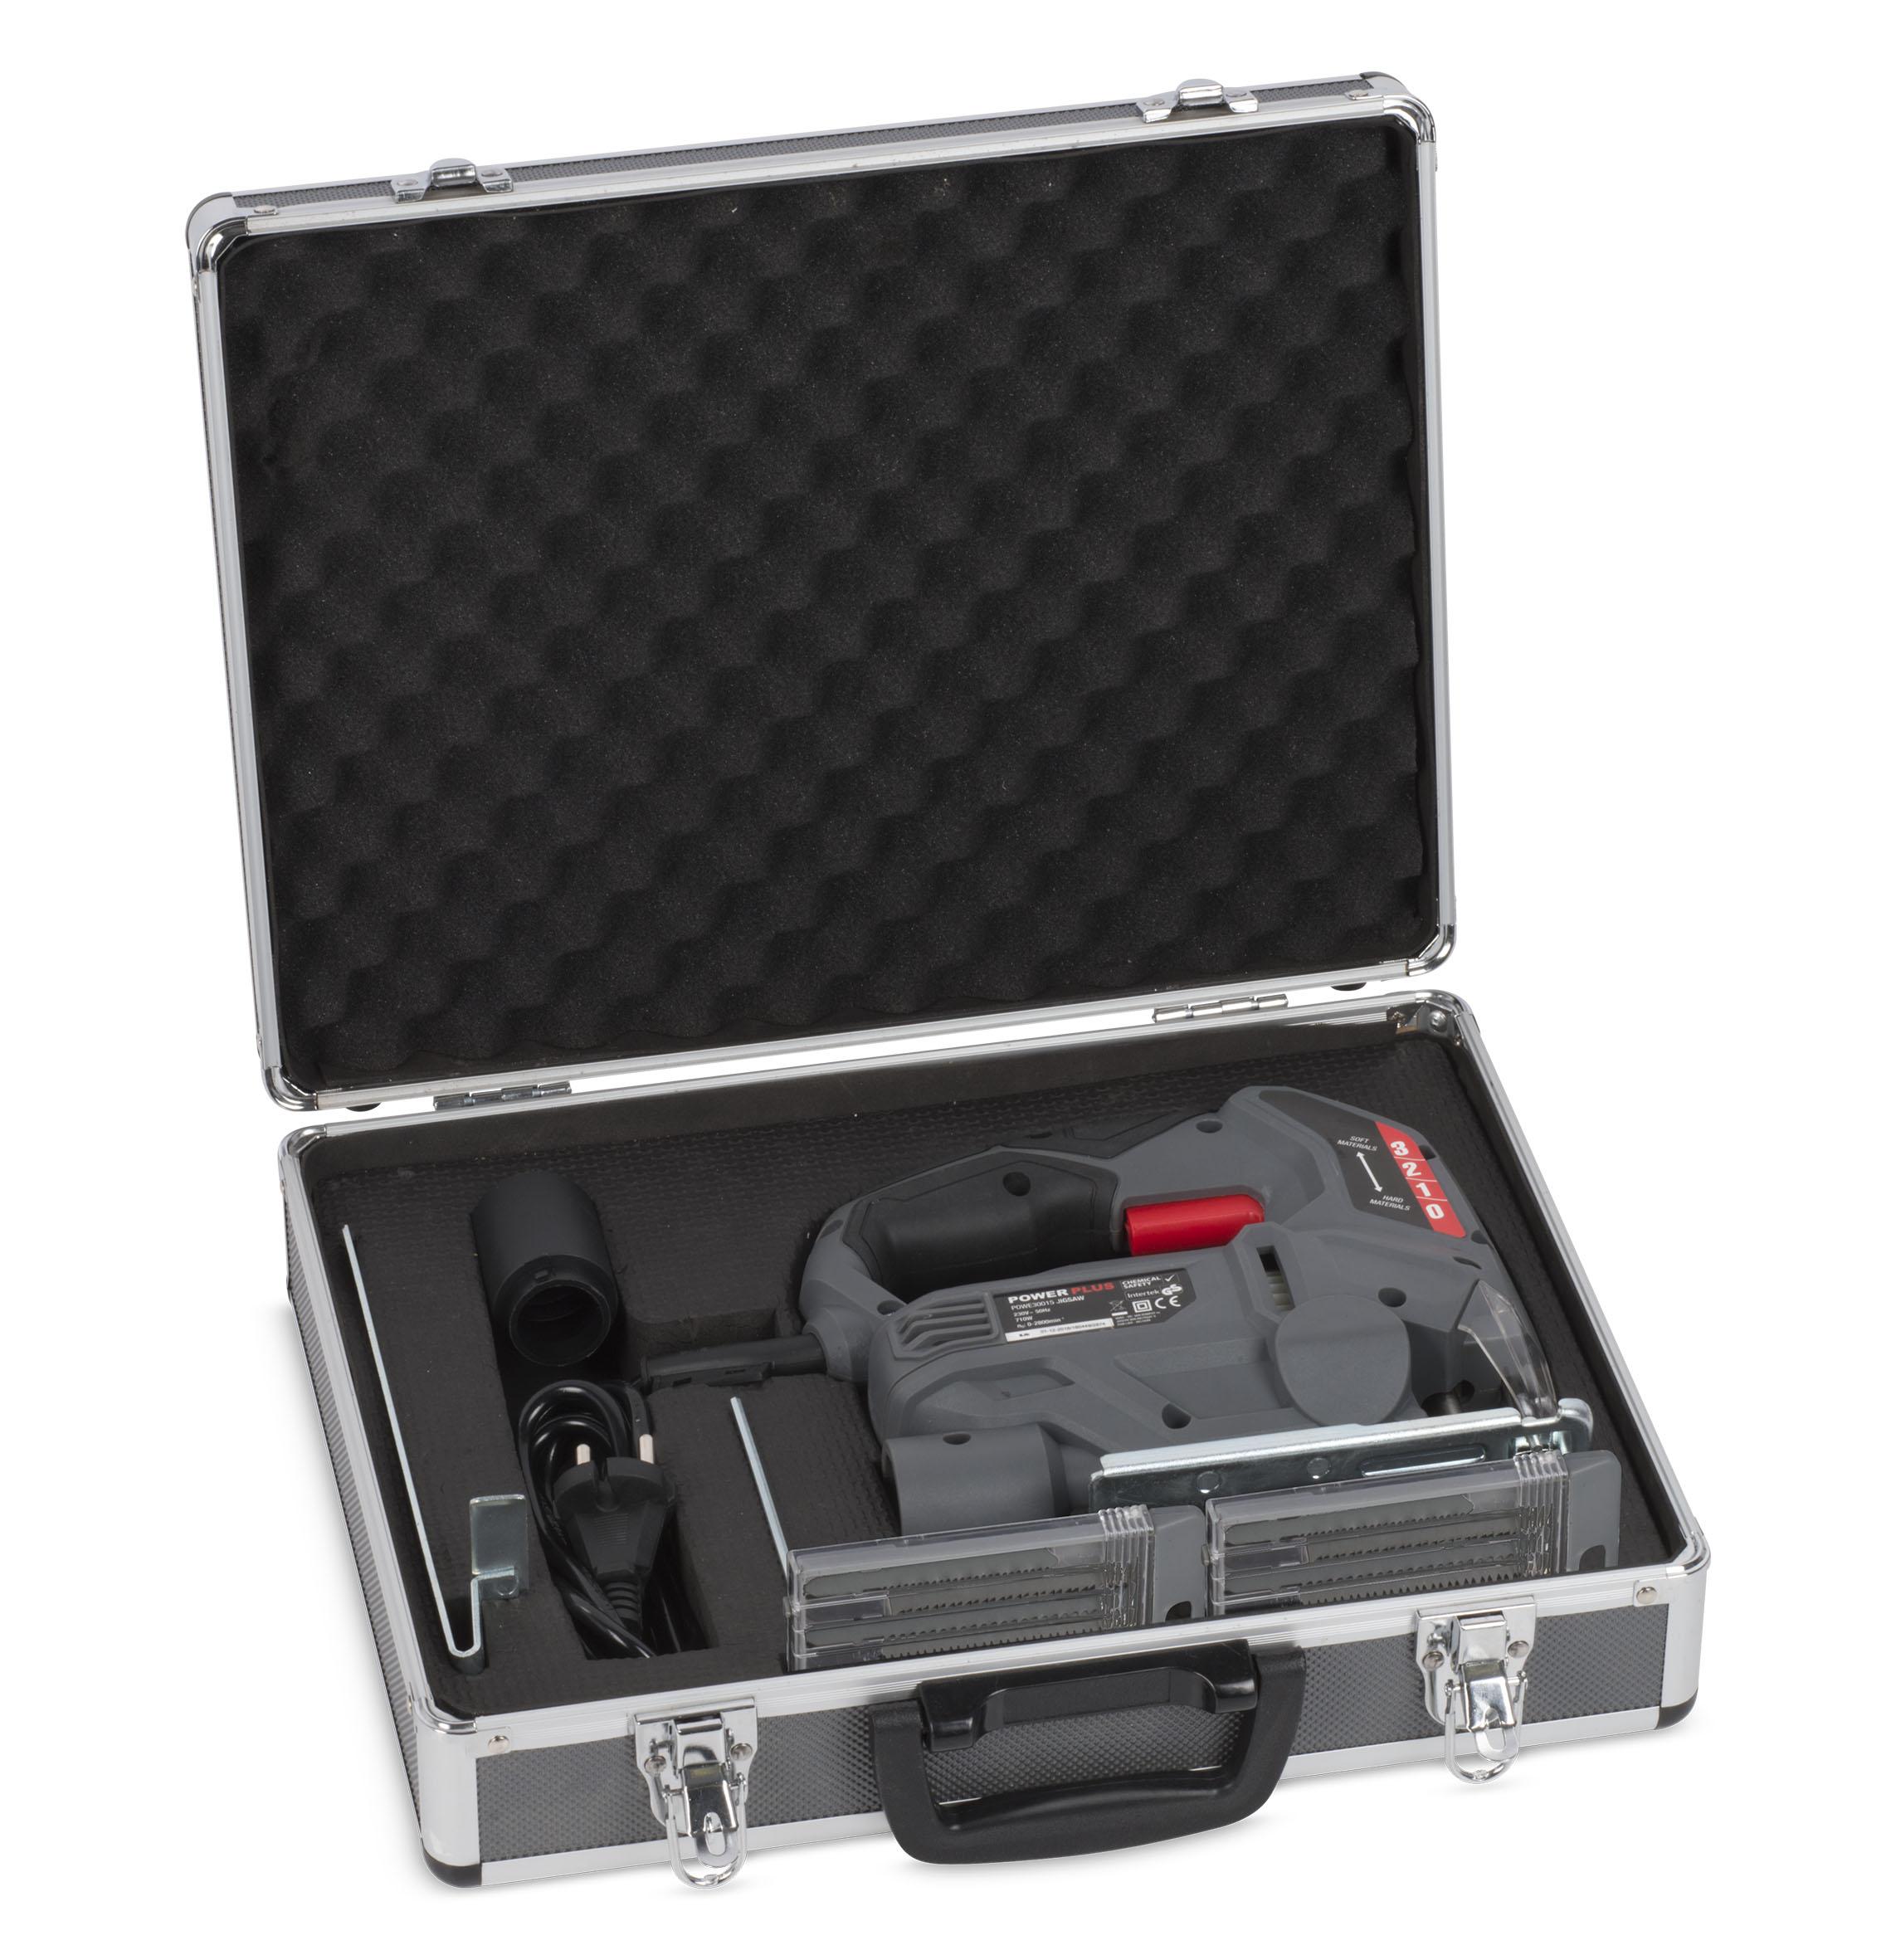 Stiksav 710 Watt i kuffert med 20 dele